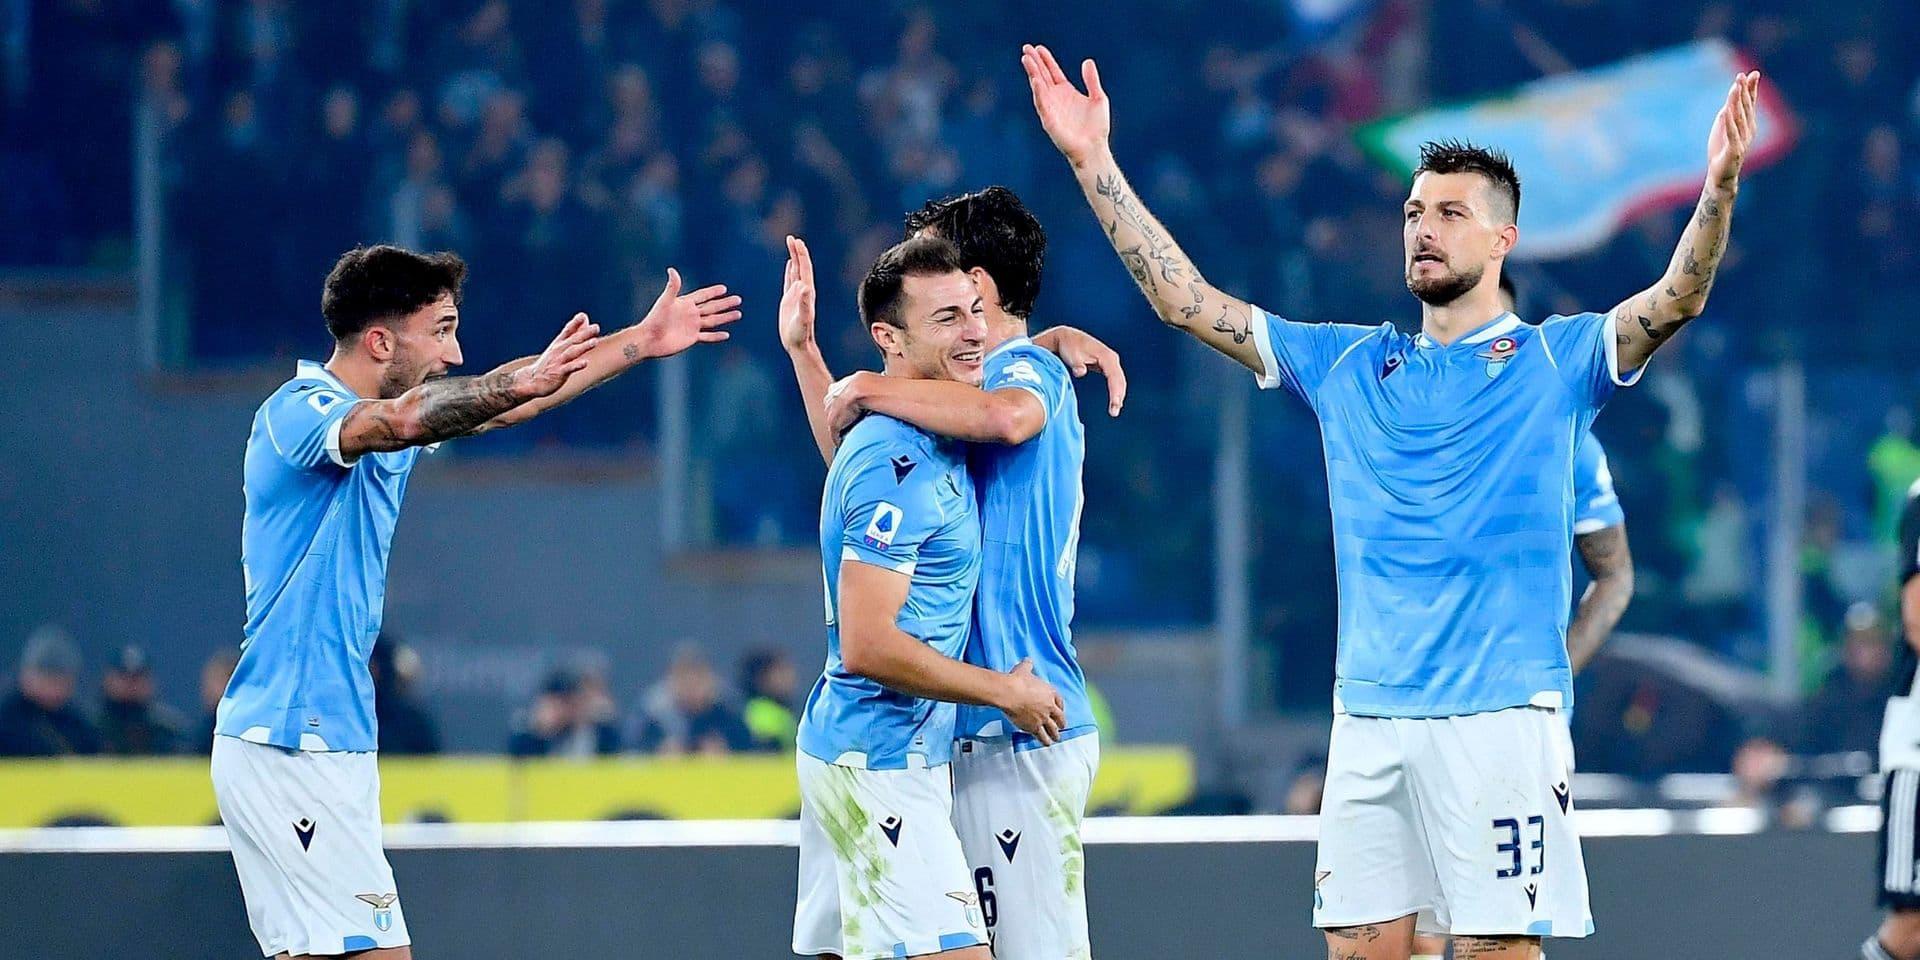 La Lazio de Rome s'offre sur le fil un neuvième succès de rang à Brescia